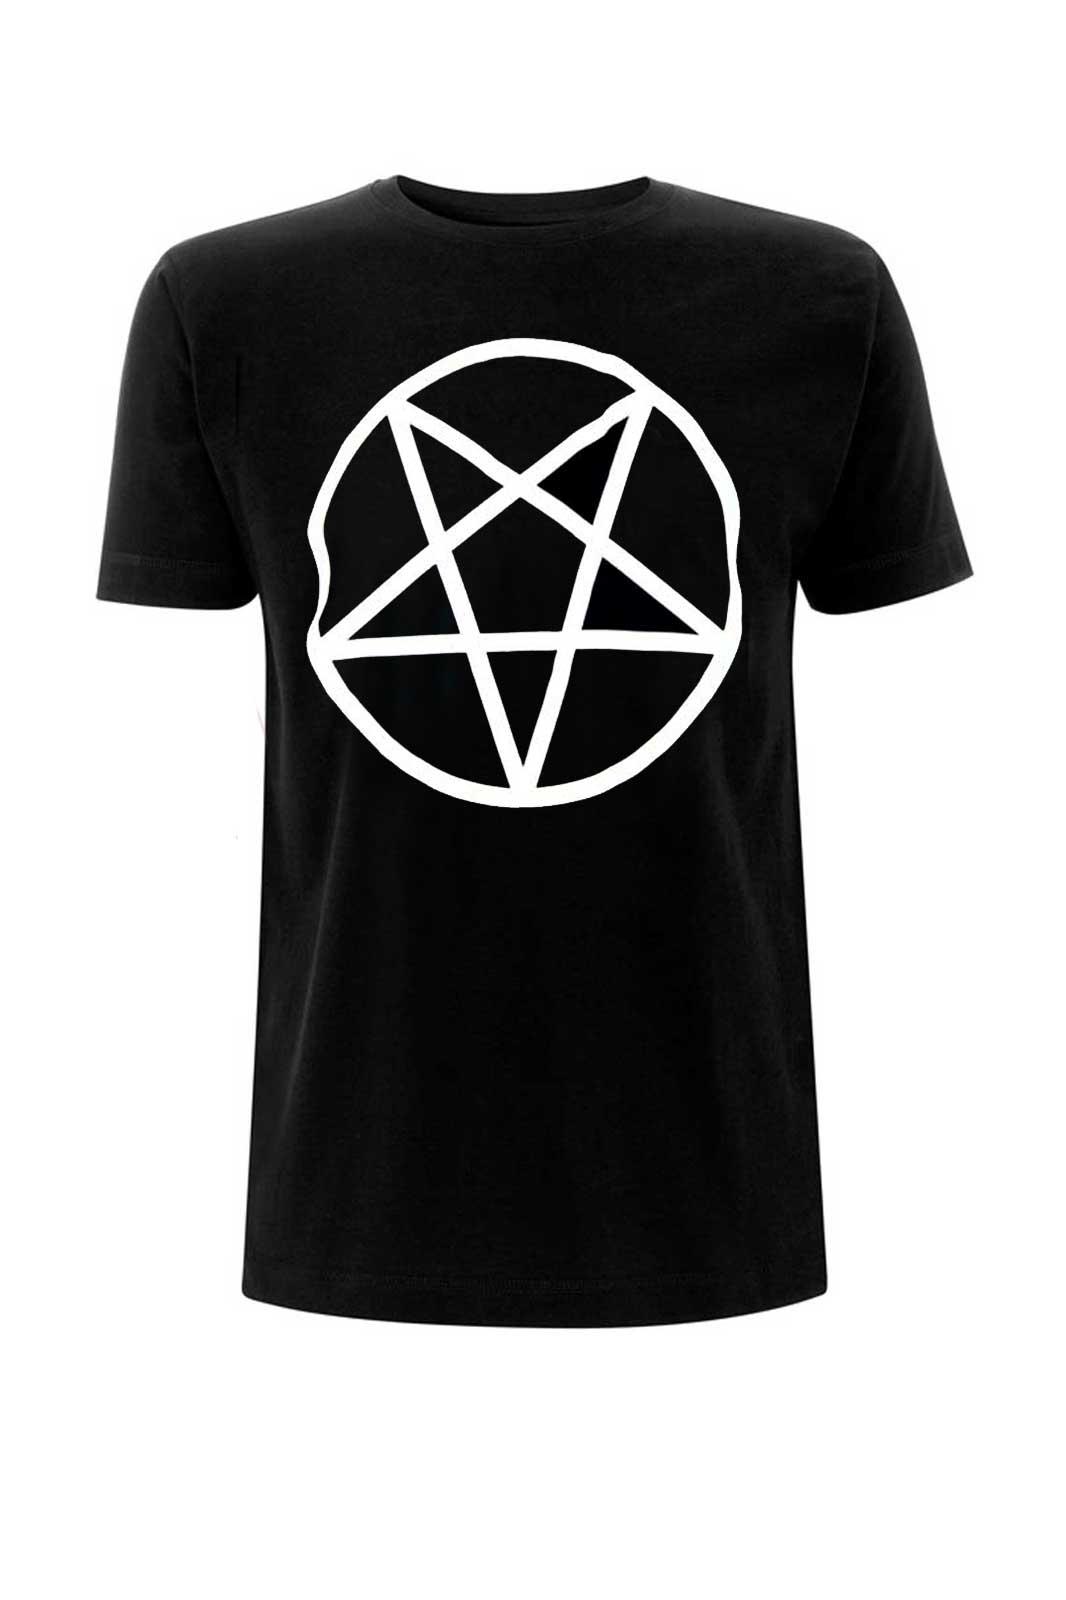 Pentagram Tee Black